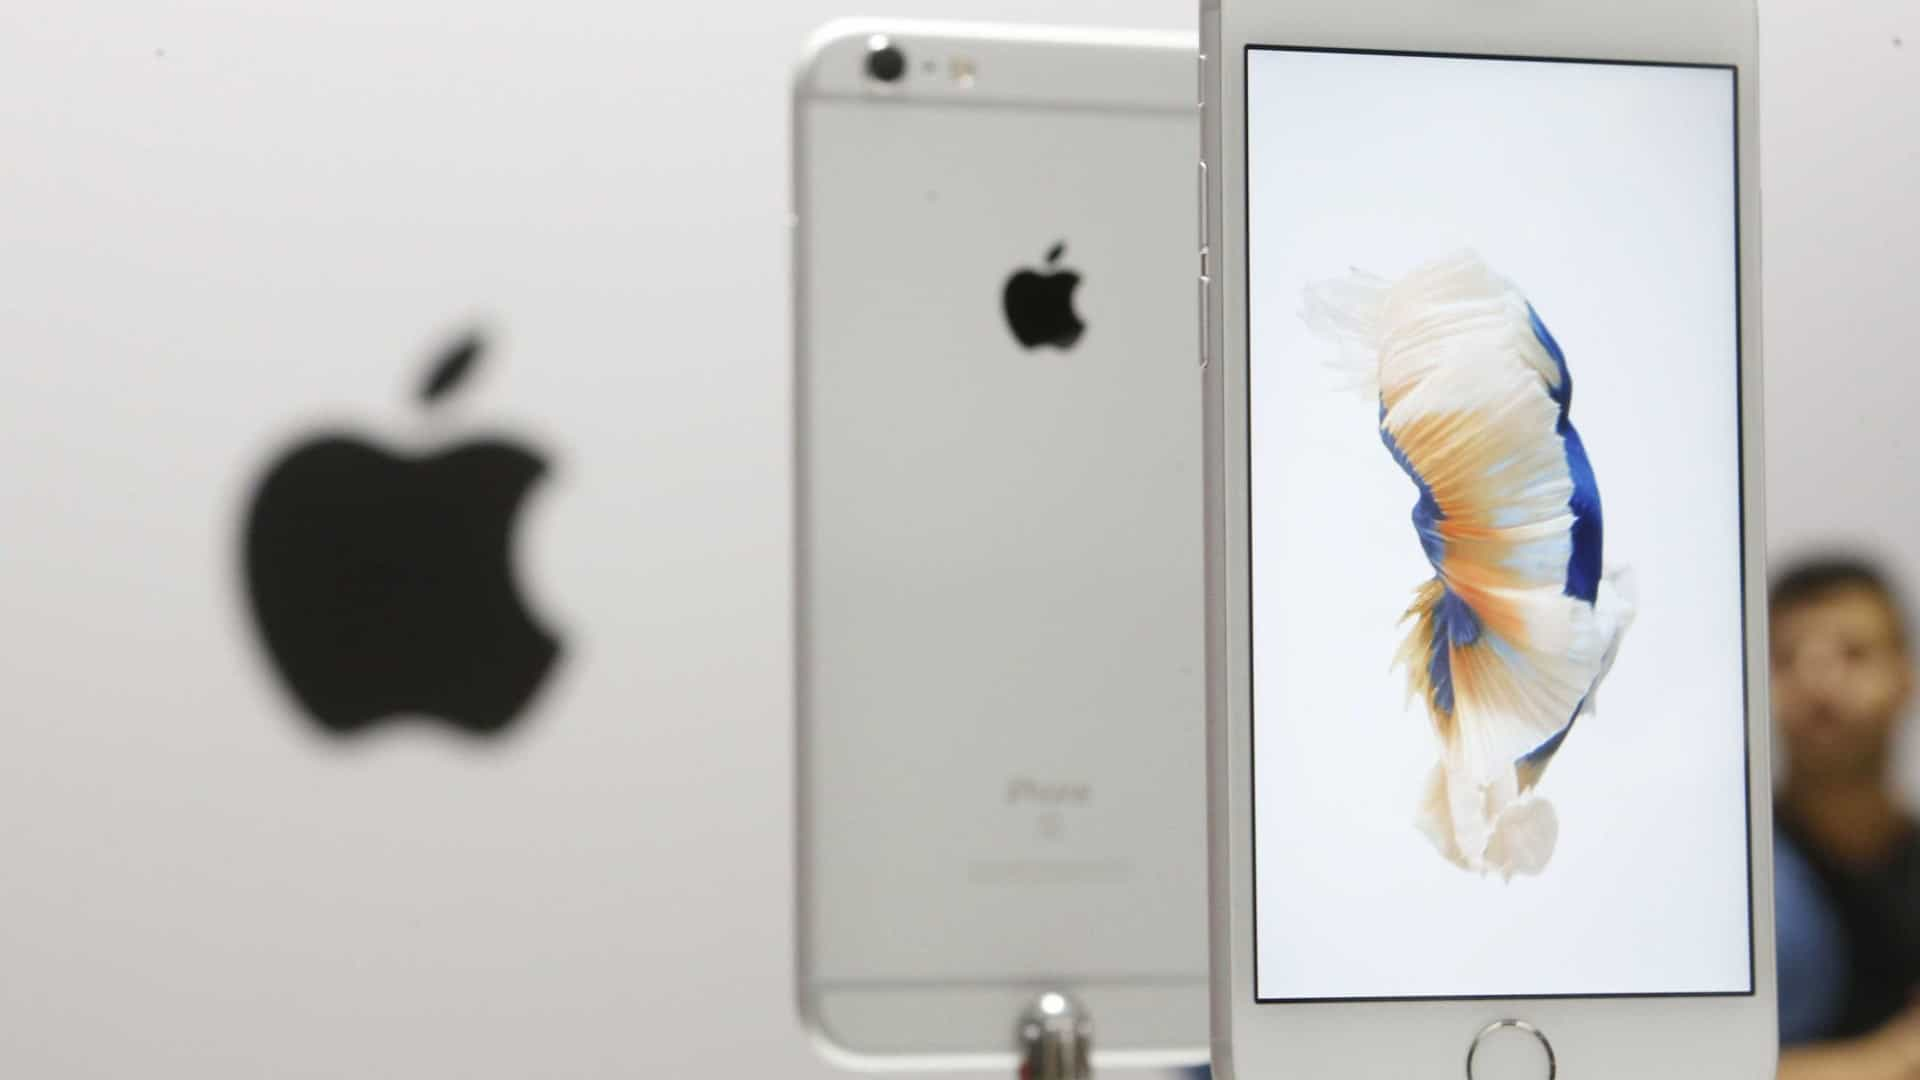 Smartphones Android falham duas vezes mais que iPhone, diz estudo